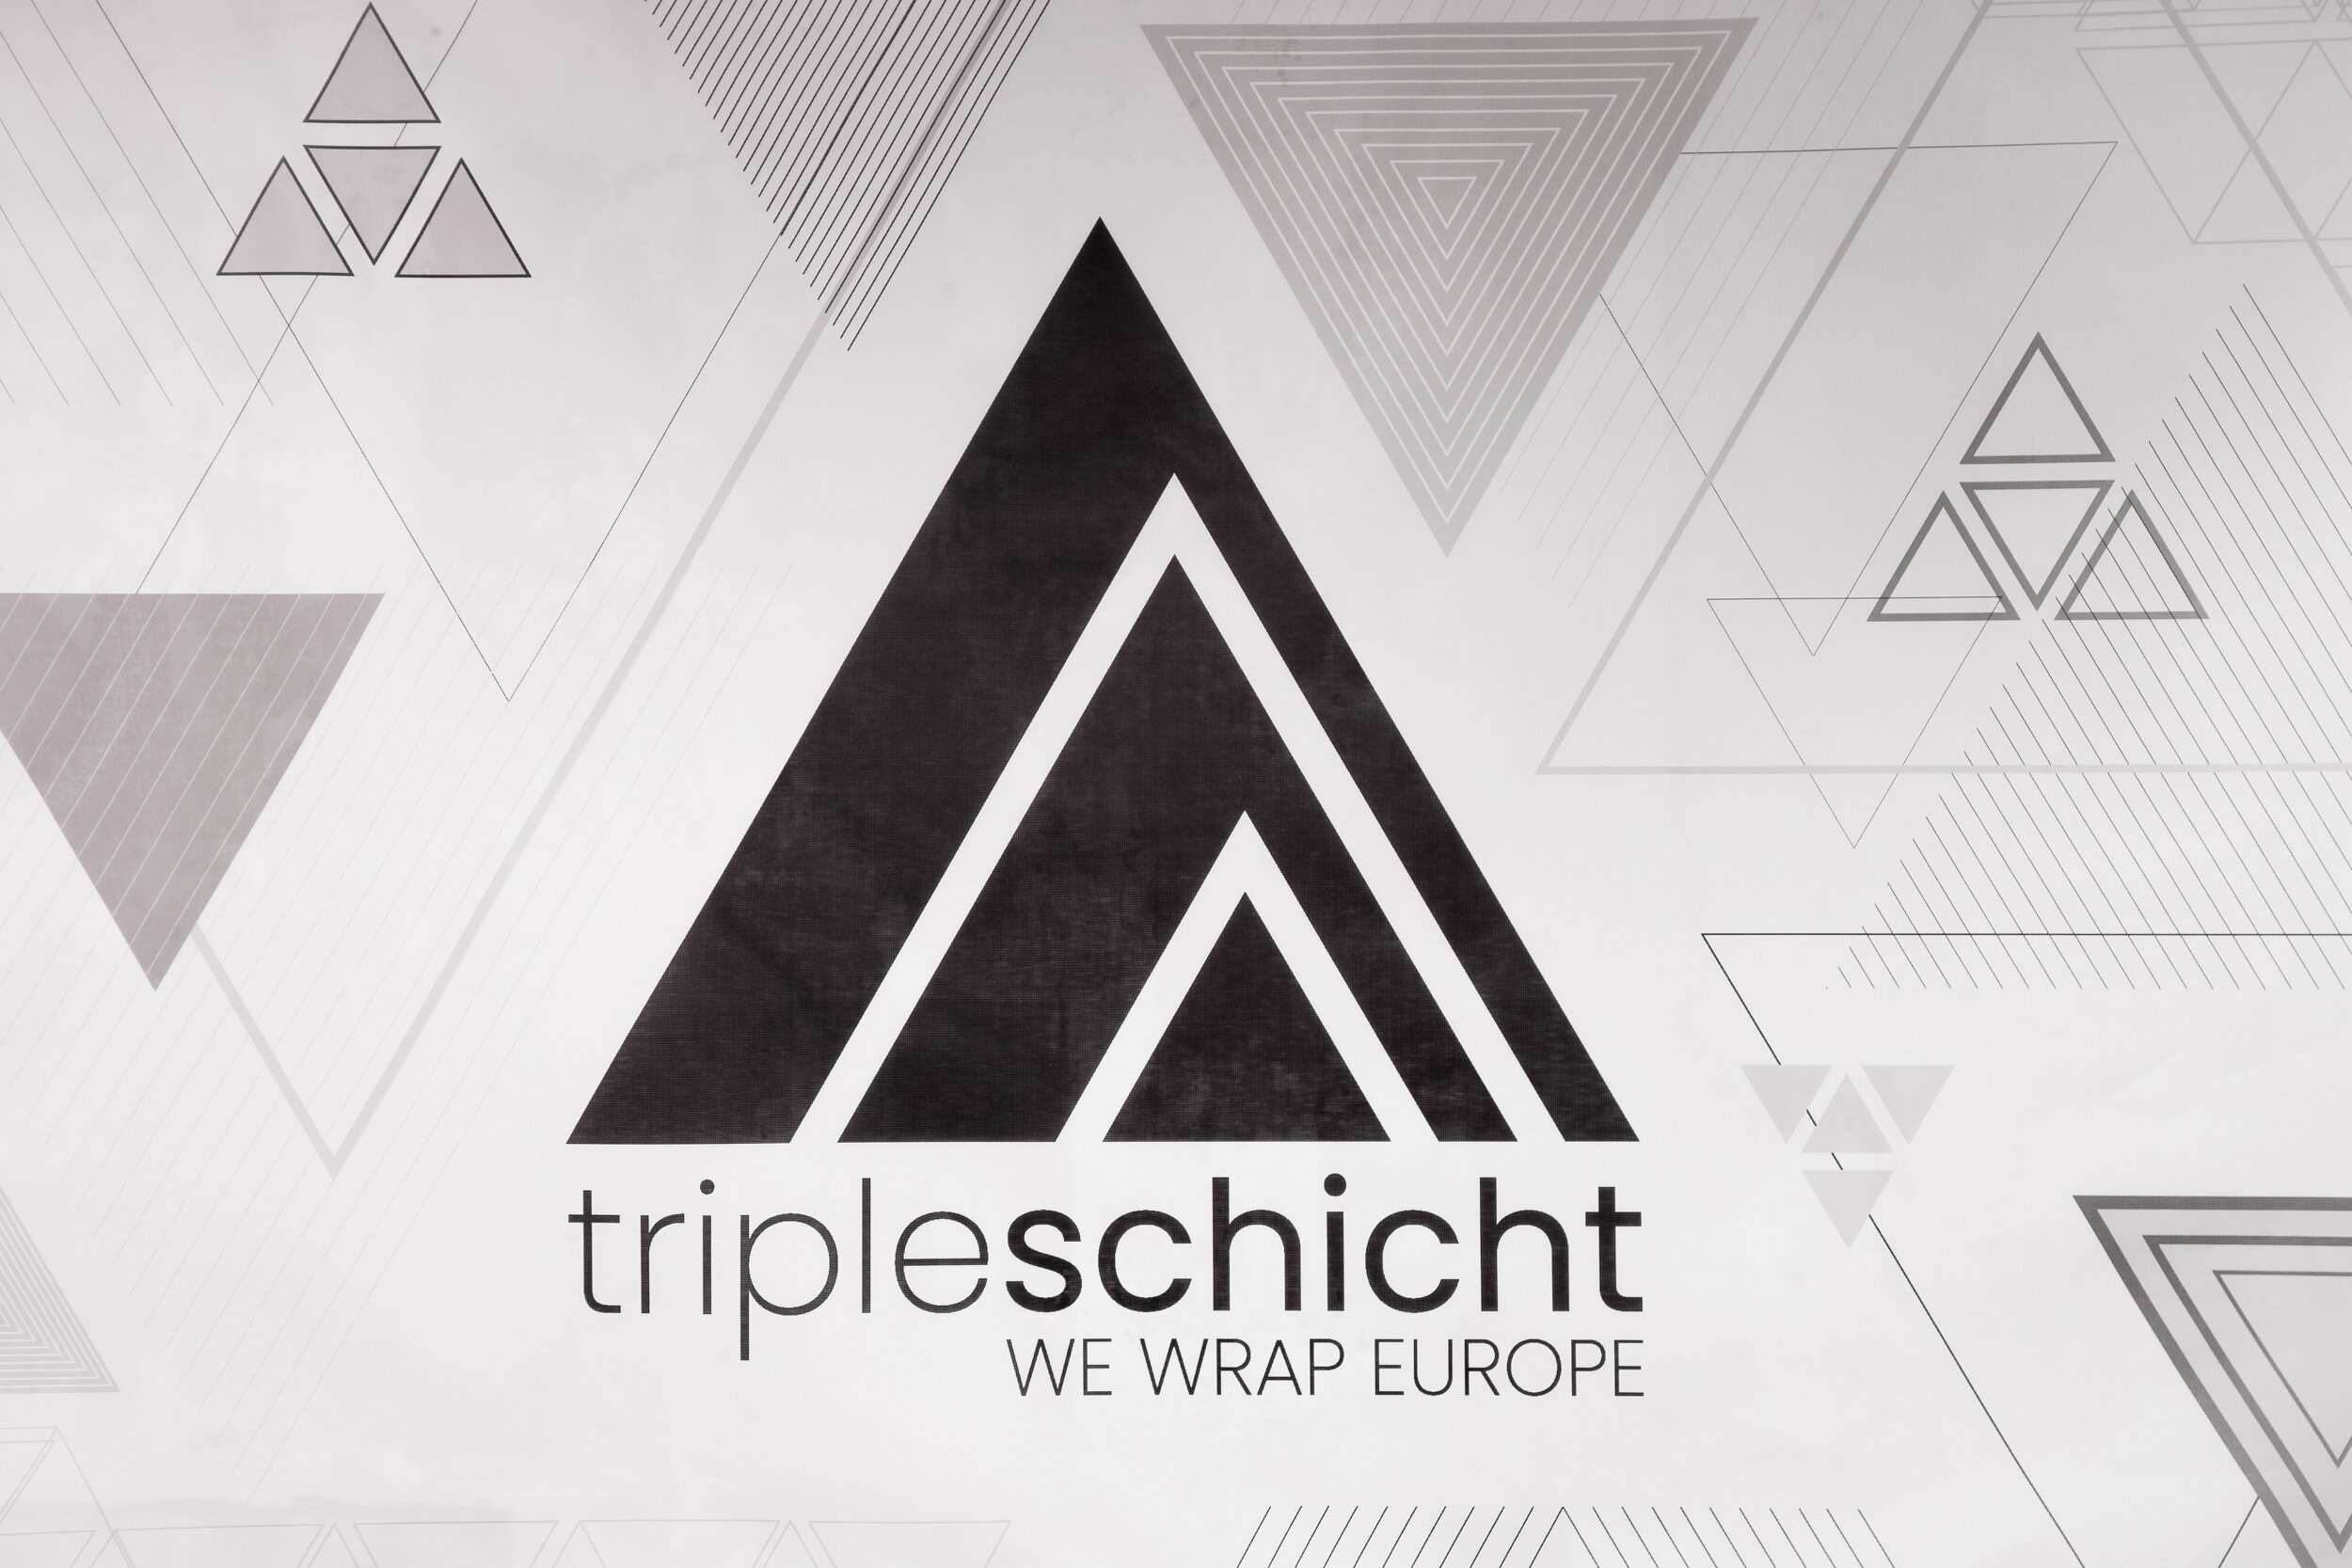 tripleschicht-11.jpg